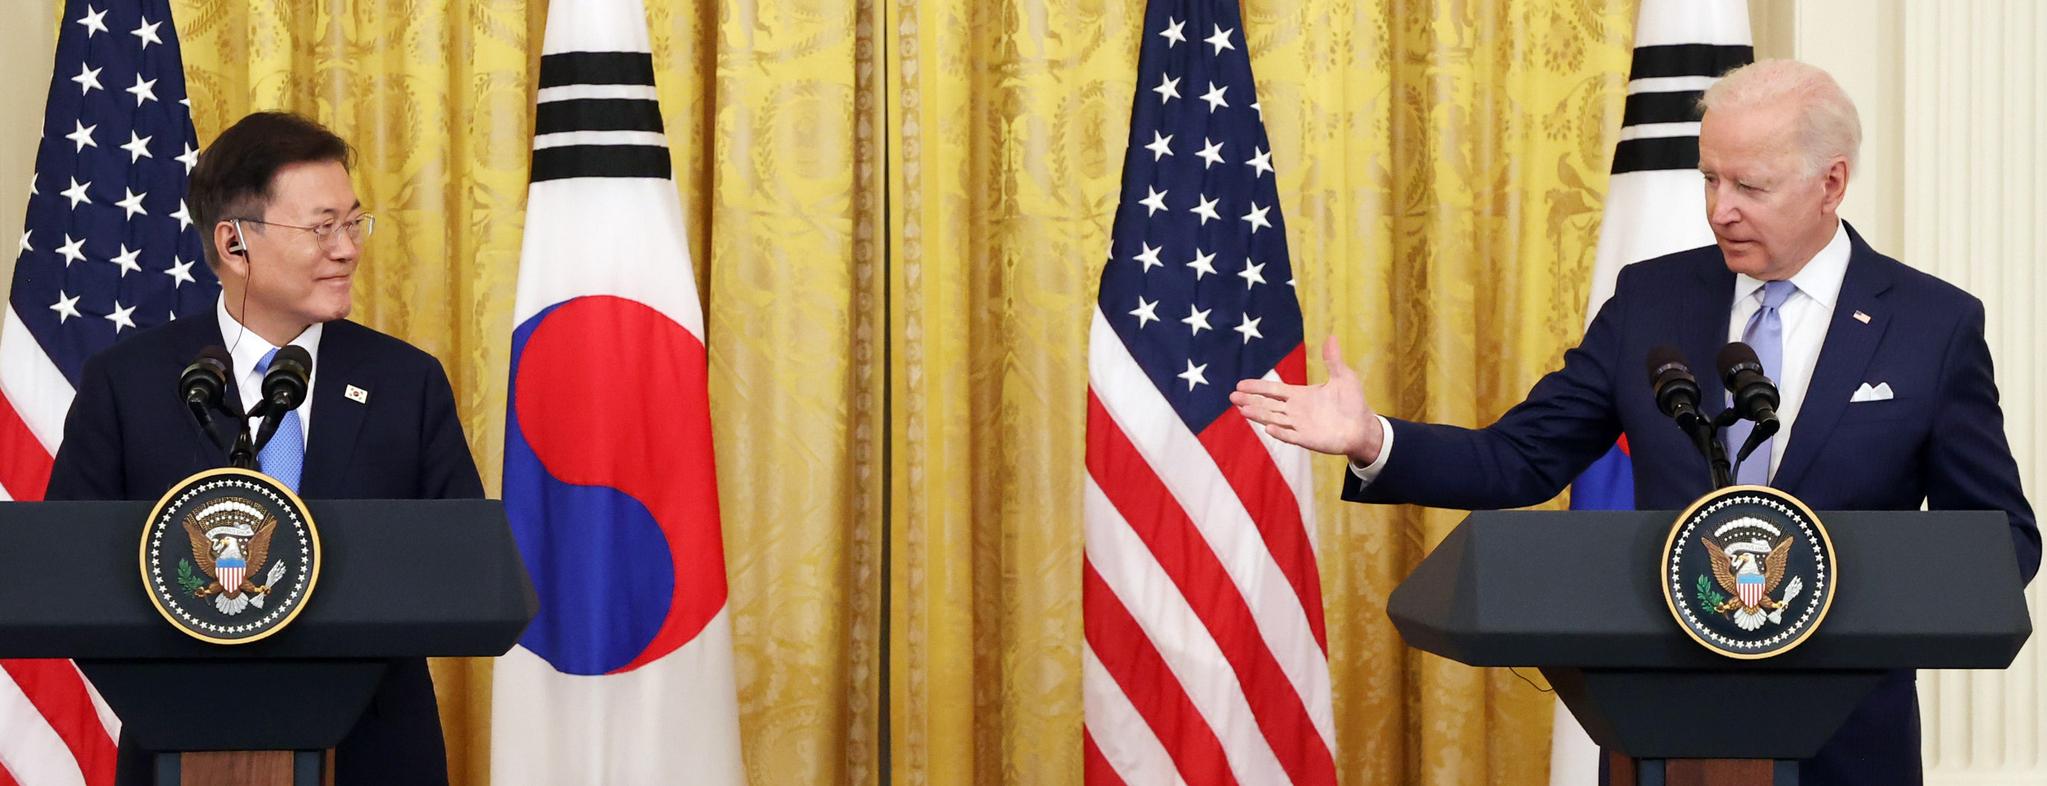 문재인 대통령과 조 바이든 미국 대통령이 21일 오후(현지시간) 한-미 정상회담을 마치고 백악관 이스트룸에서 공동 기자회견을 하고 있다. 뉴시스